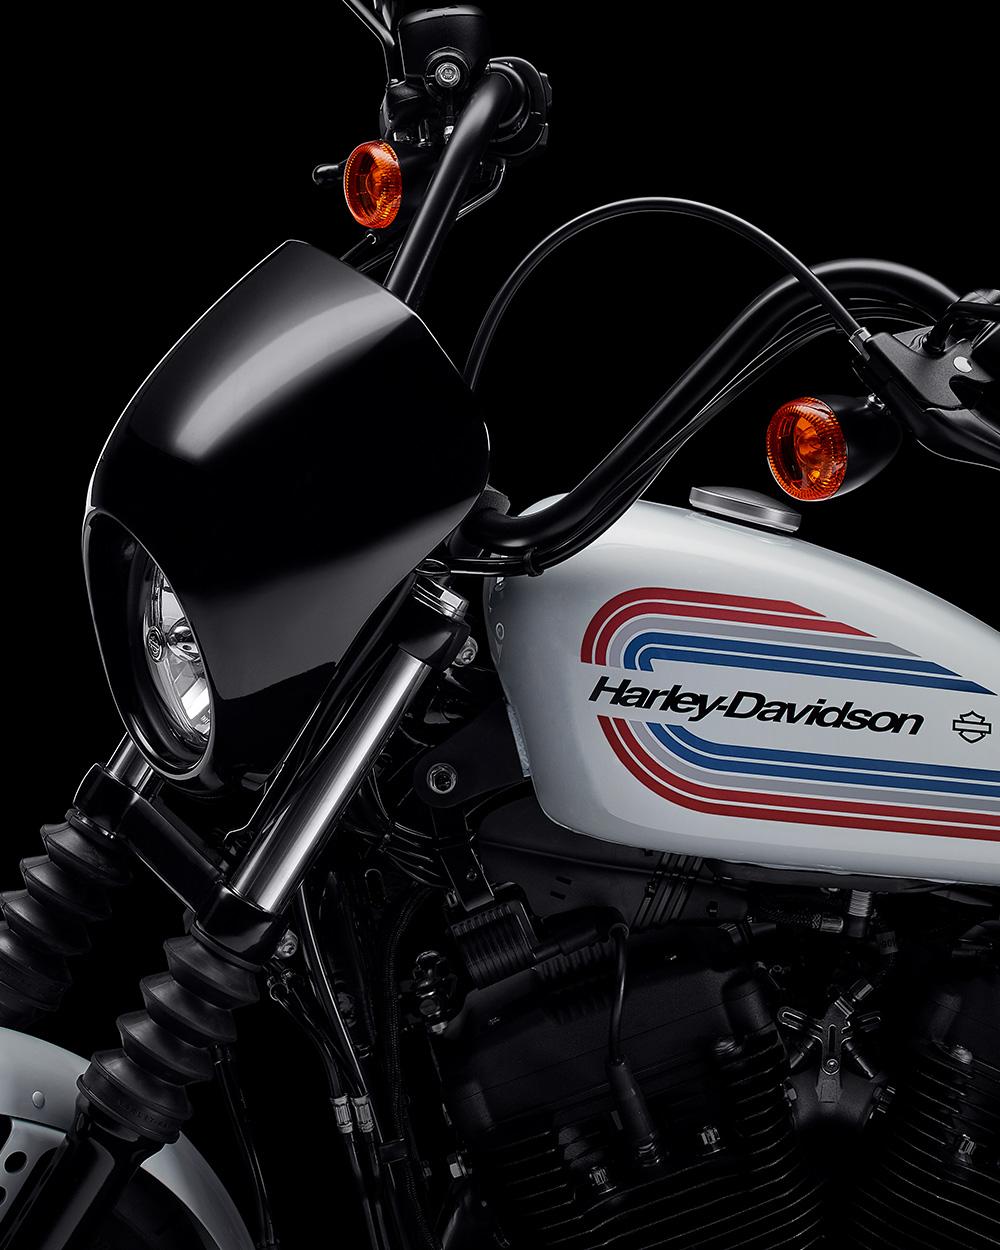 Sportster 1200 Top Speed : sportster, speed, Motorcycle, Harley-Davidson